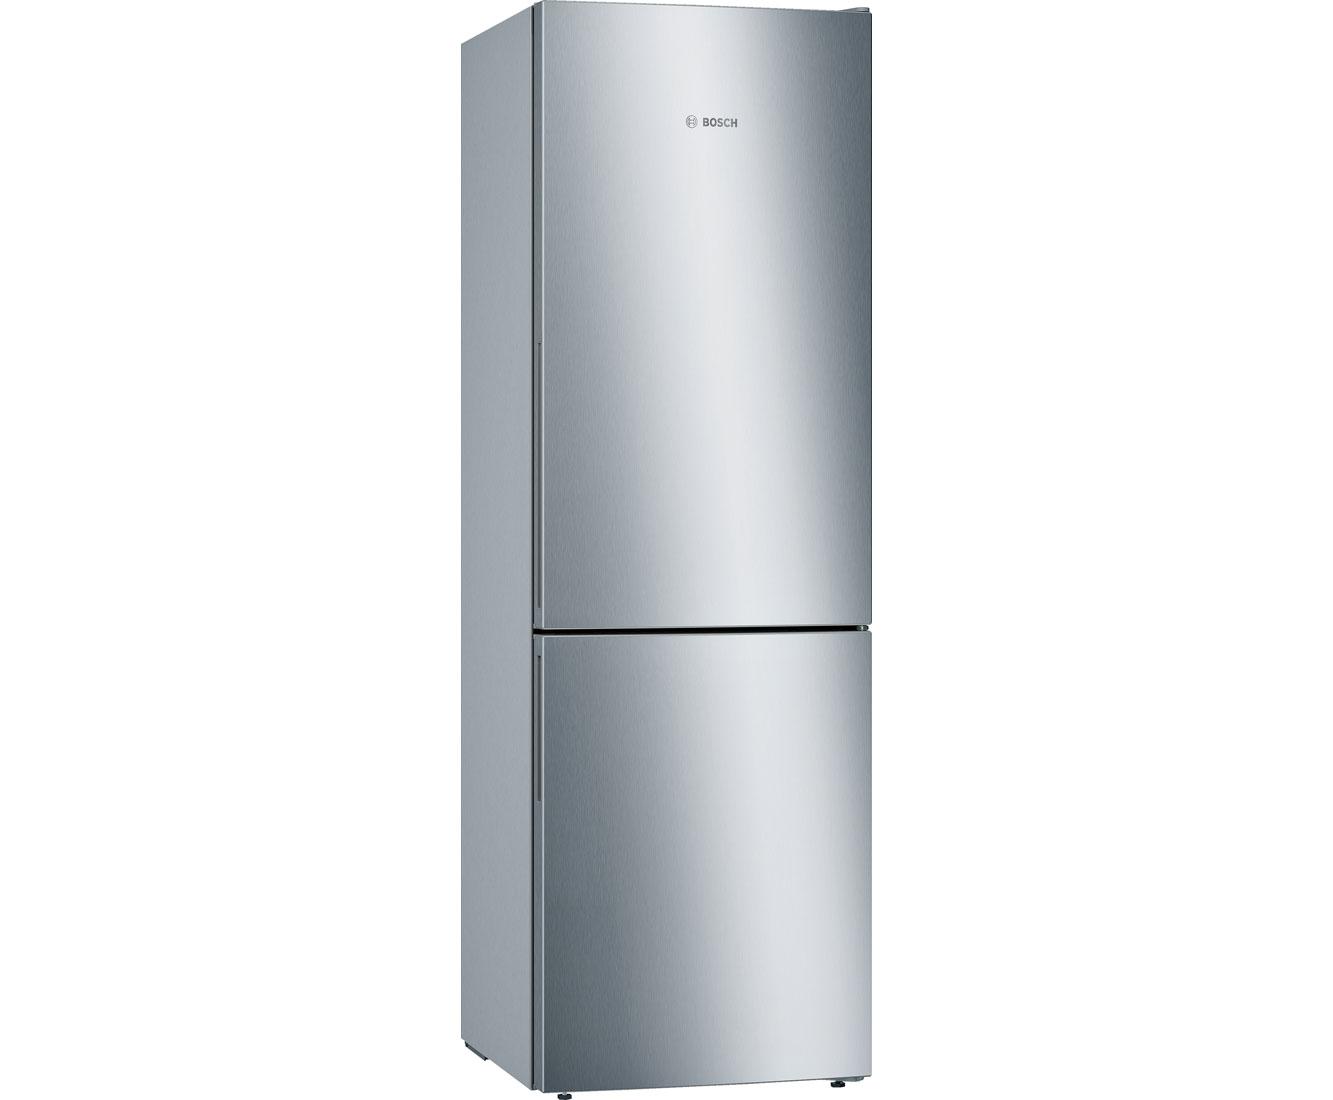 Bosch Kühlschrank Abtauen : Bosch kge vl a kühl gefrierkombination er breite edelstahl